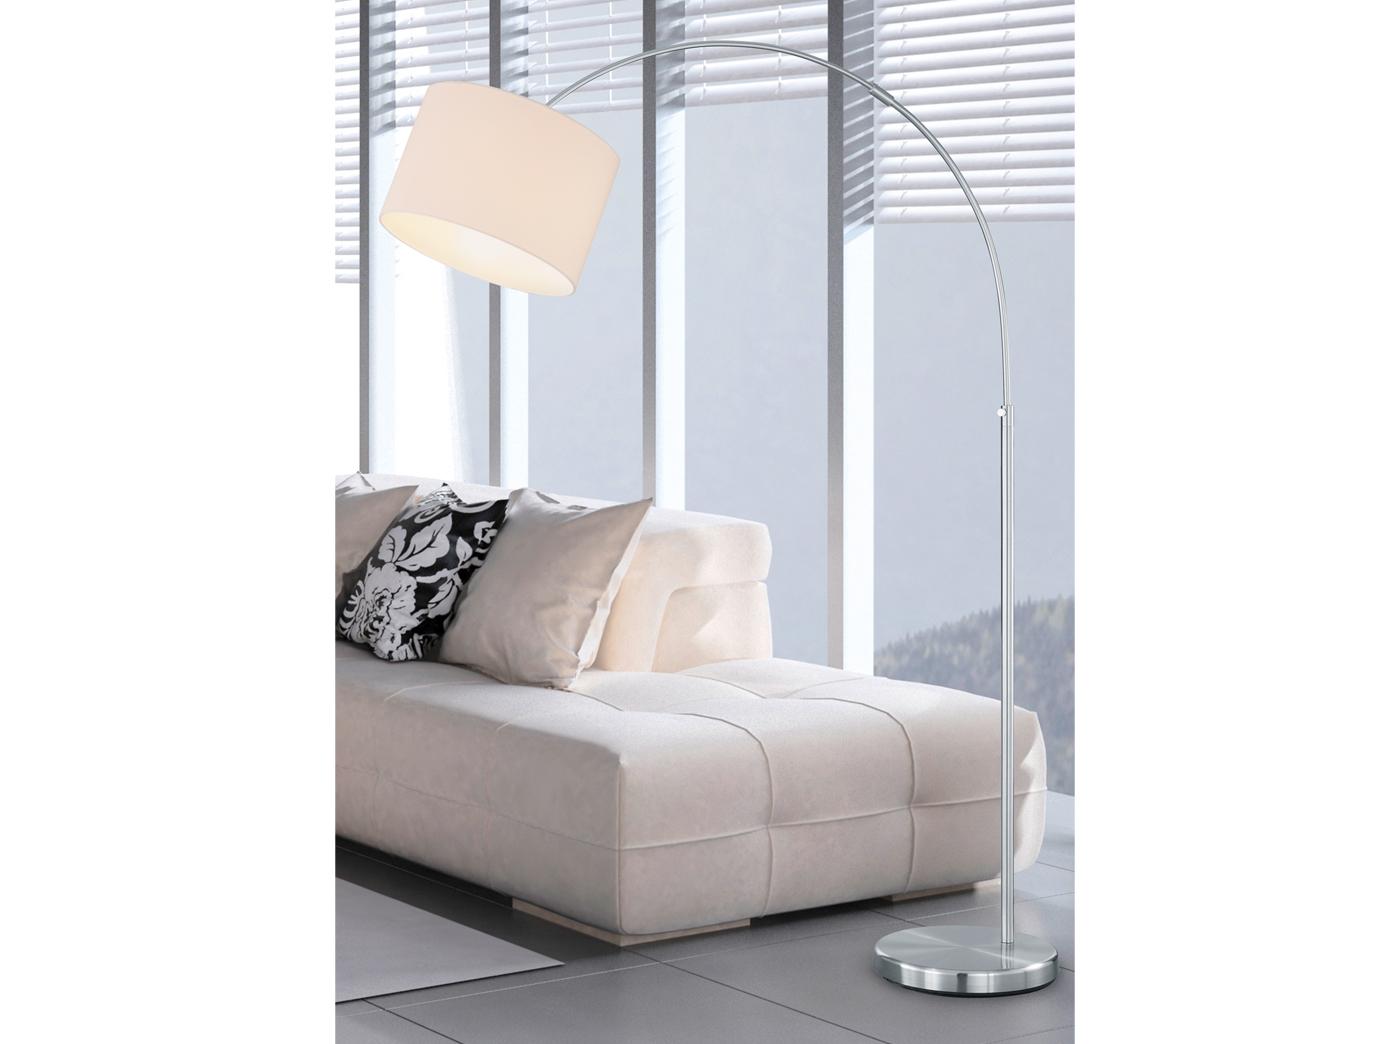 Design LED Bogenlampe mit Stoffschirm weiß höhenverstellbar Stehlampe  Wohnzimmer